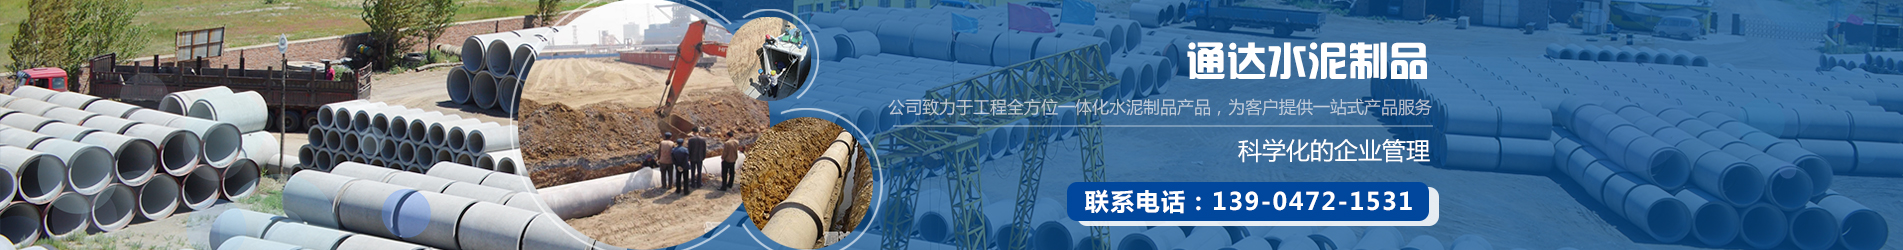 内蒙古钢筋混凝土管